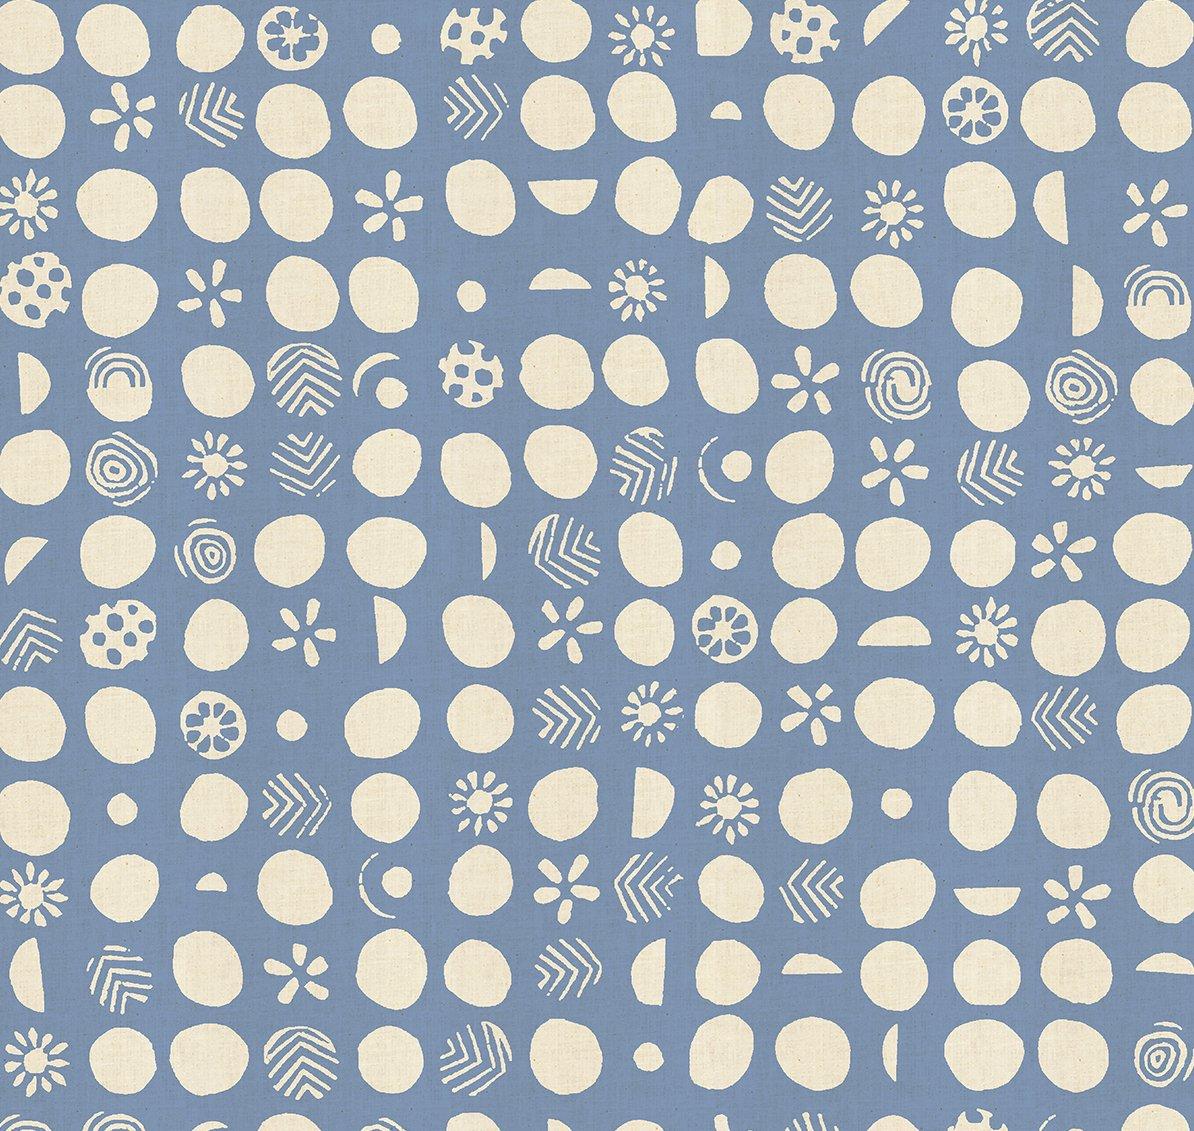 Cotton & Steel - Jeanne McGee - Homestead - Germination - Waterdrop